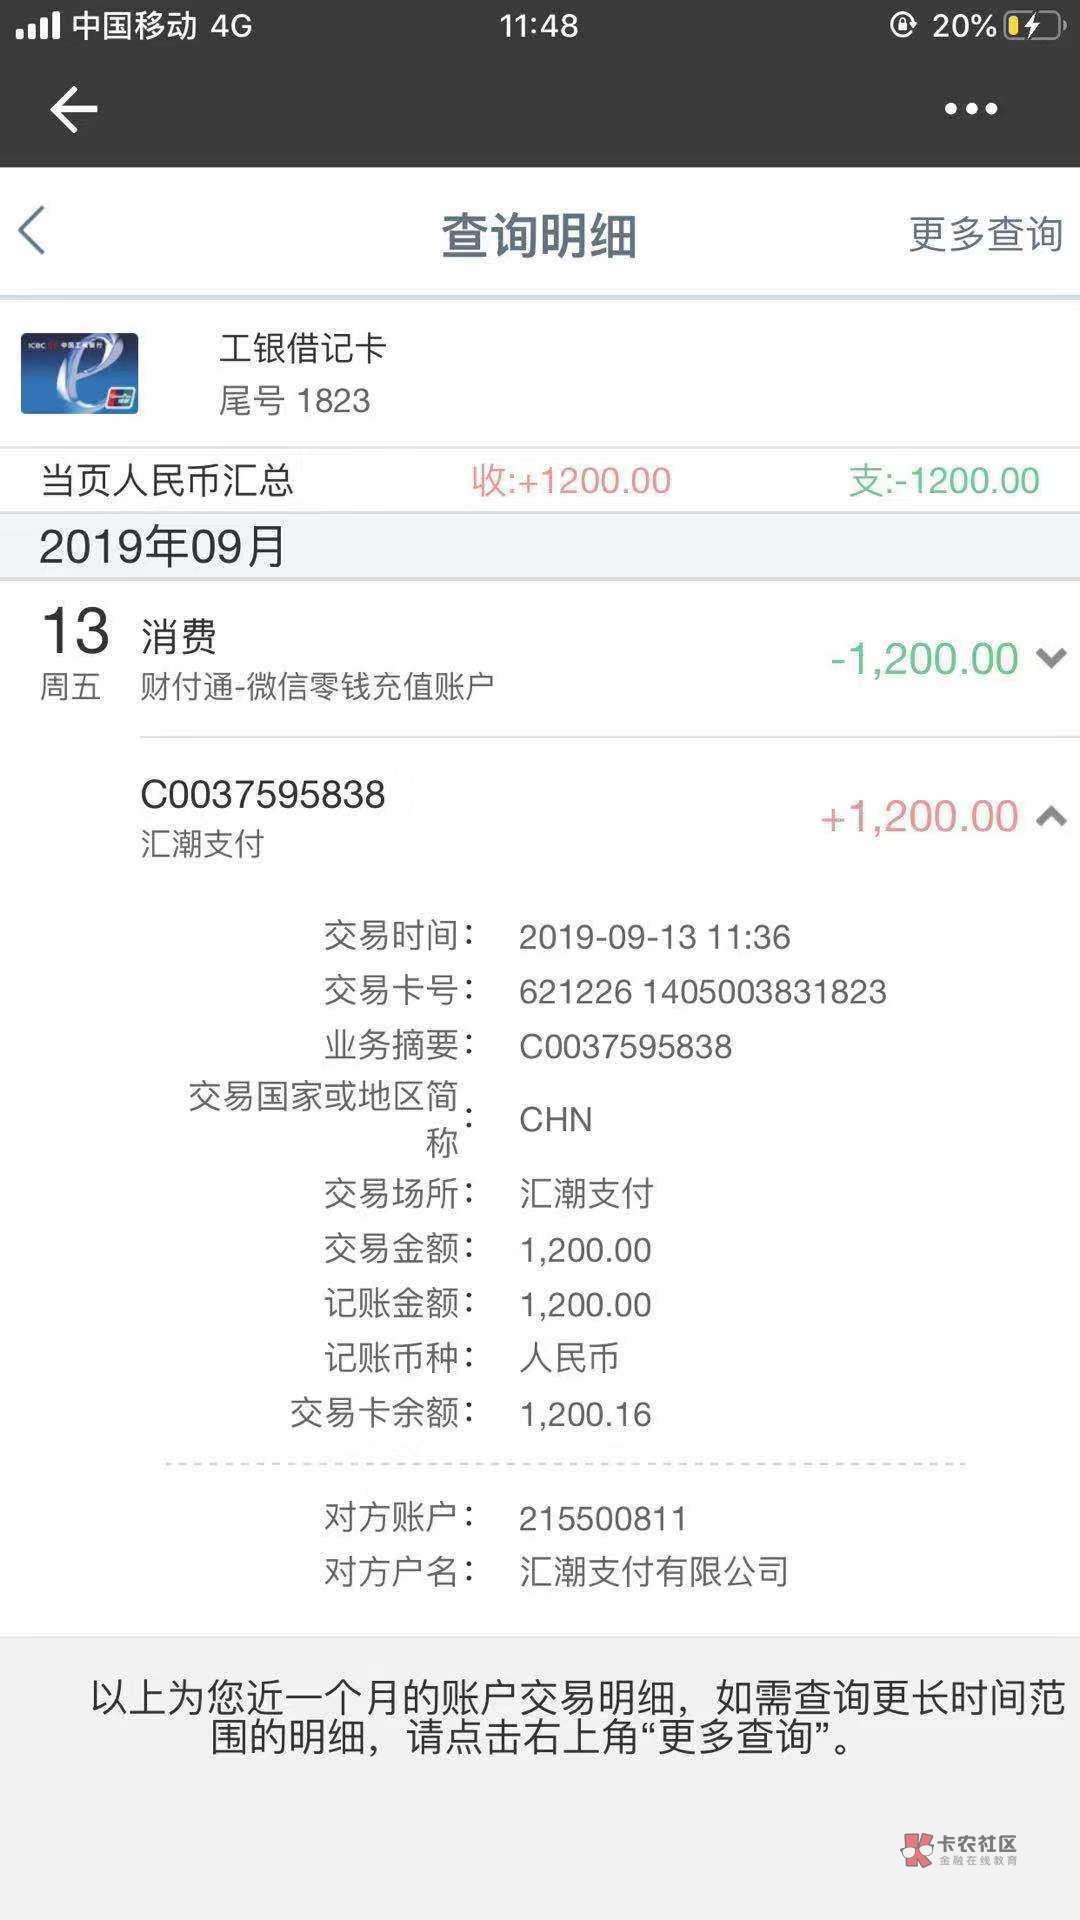 宁波系列全活了,什么威力贷,想有钱,呗呗分期,菜鸟有钱……都你们的,一个也不下,72 / 作者:vx—8718558 /